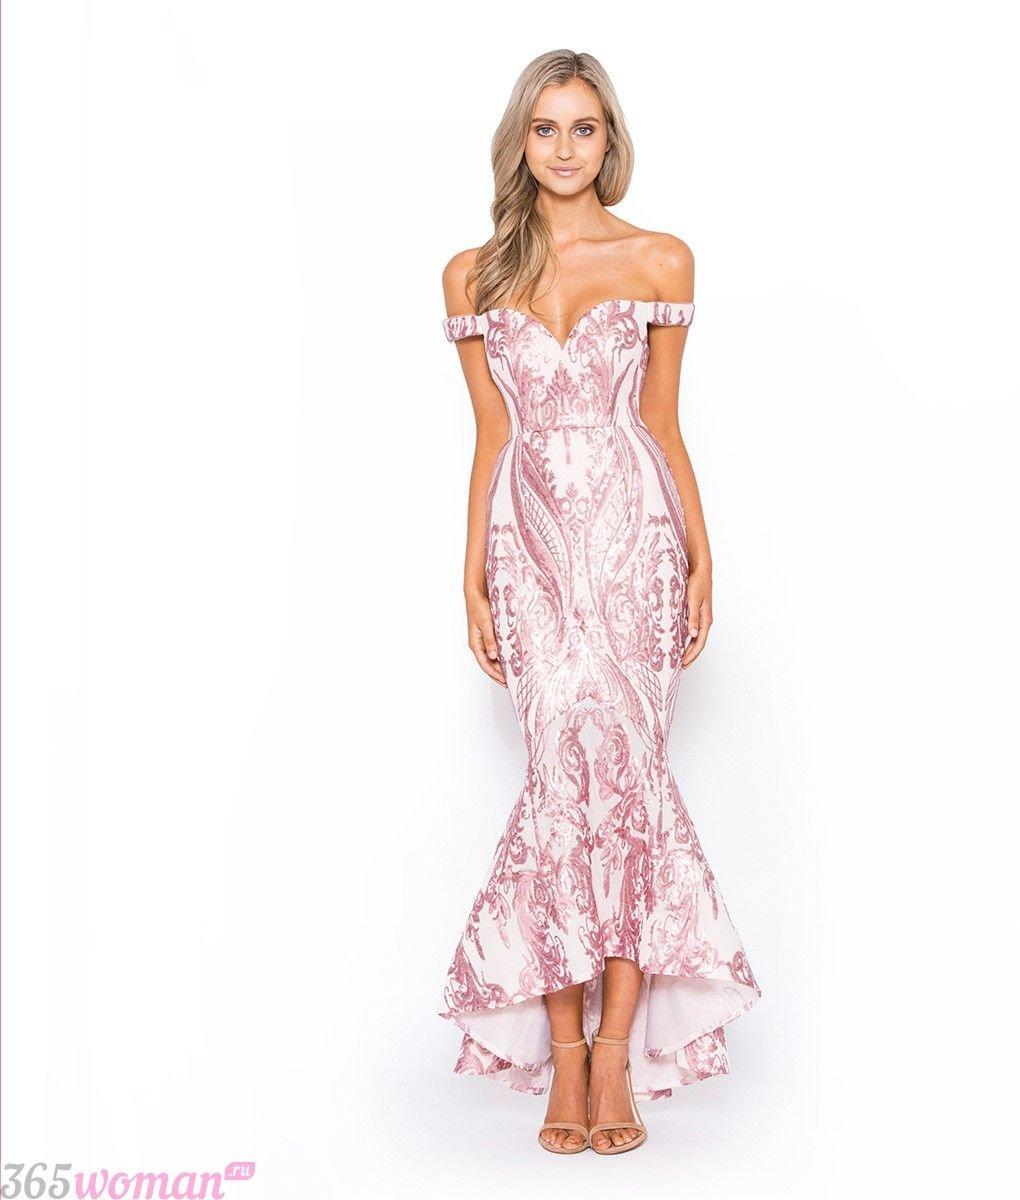 Что одеть на новогодний корпоратив: длинное белое платье с розовой вышивкой